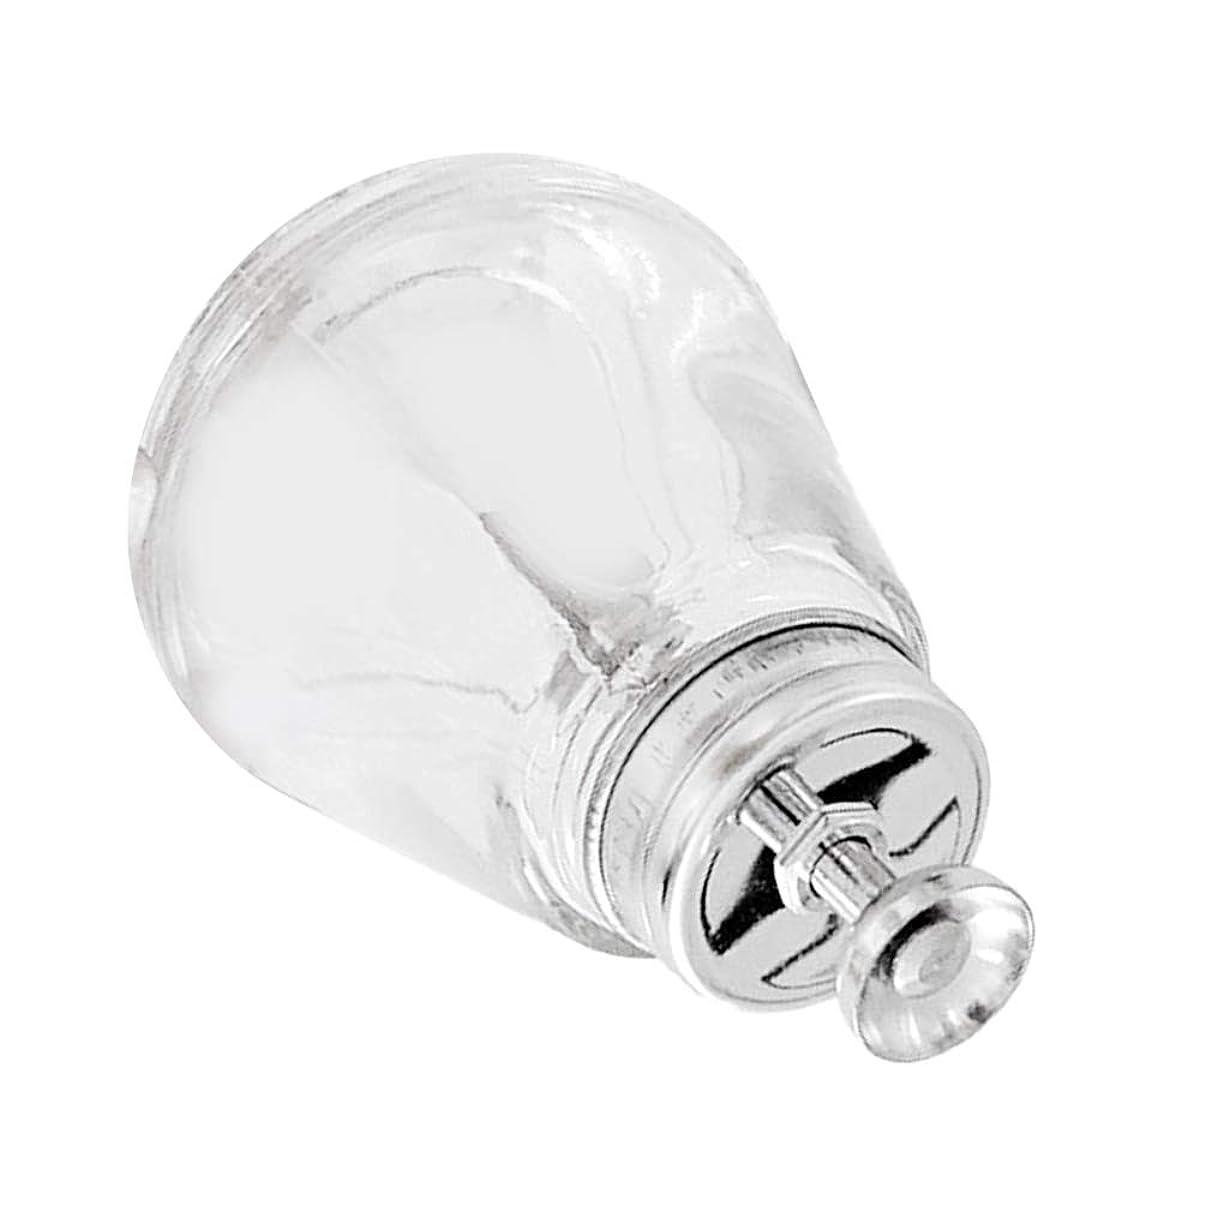 ジャンクションまつげ認知DYNWAVE アルコールポンプボトル ネイルアートツールボトル ネイルケア用品 マニキュアリムーツール